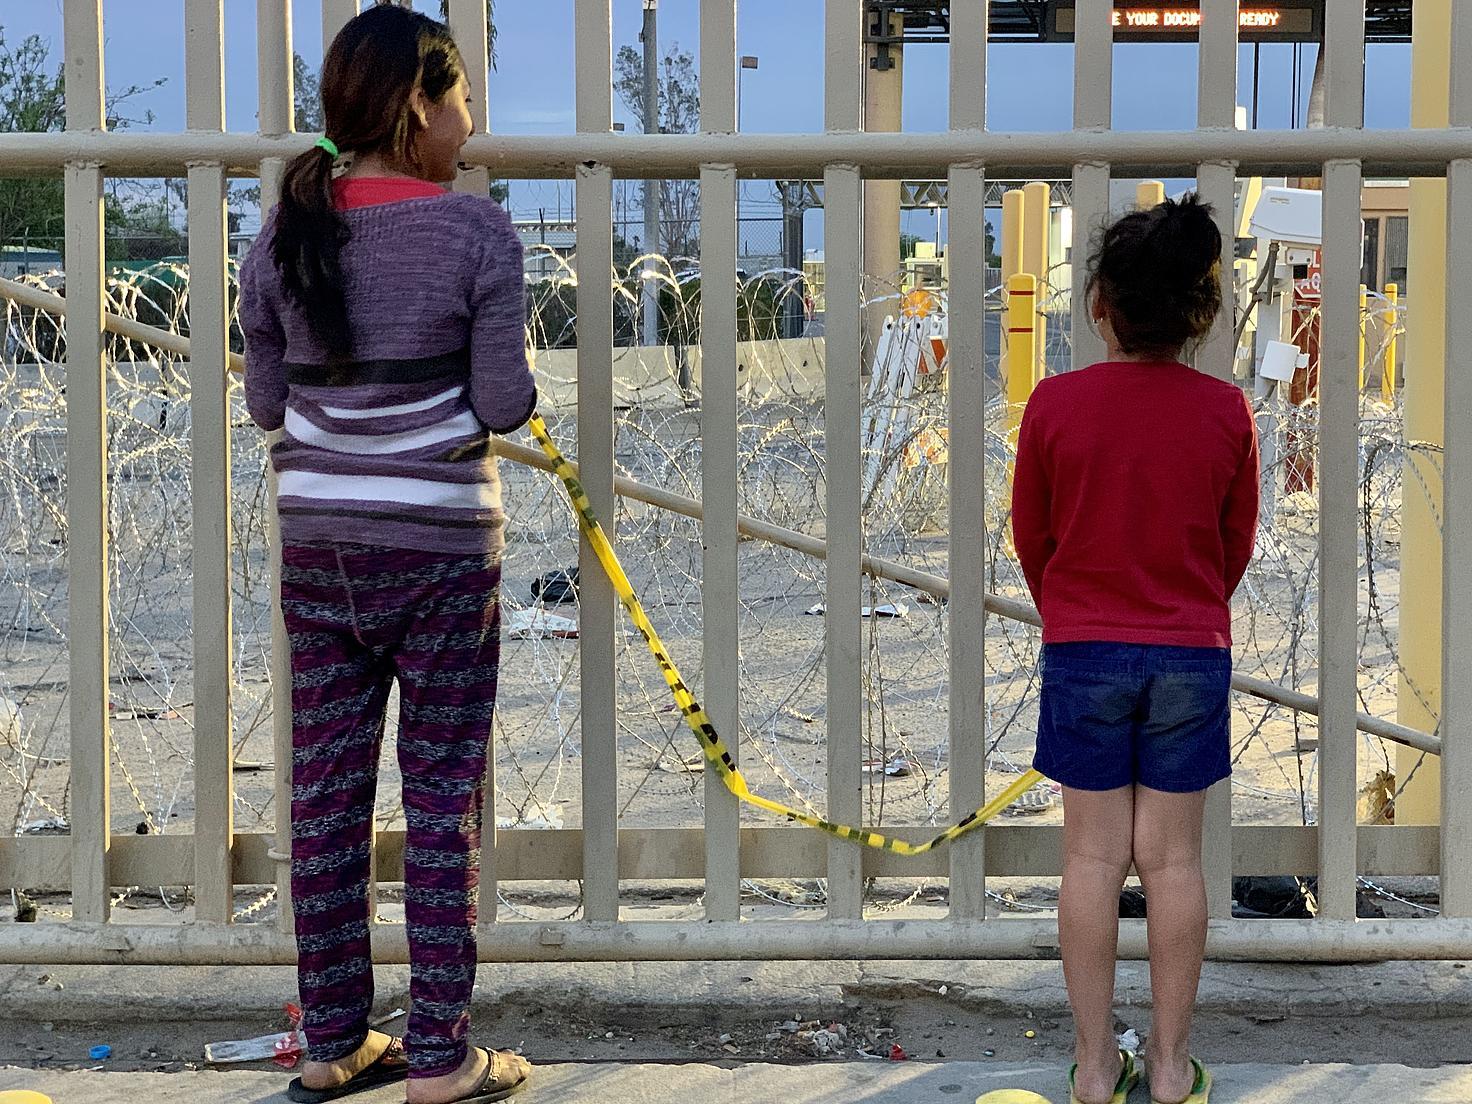 Menores migrantes no acompañados